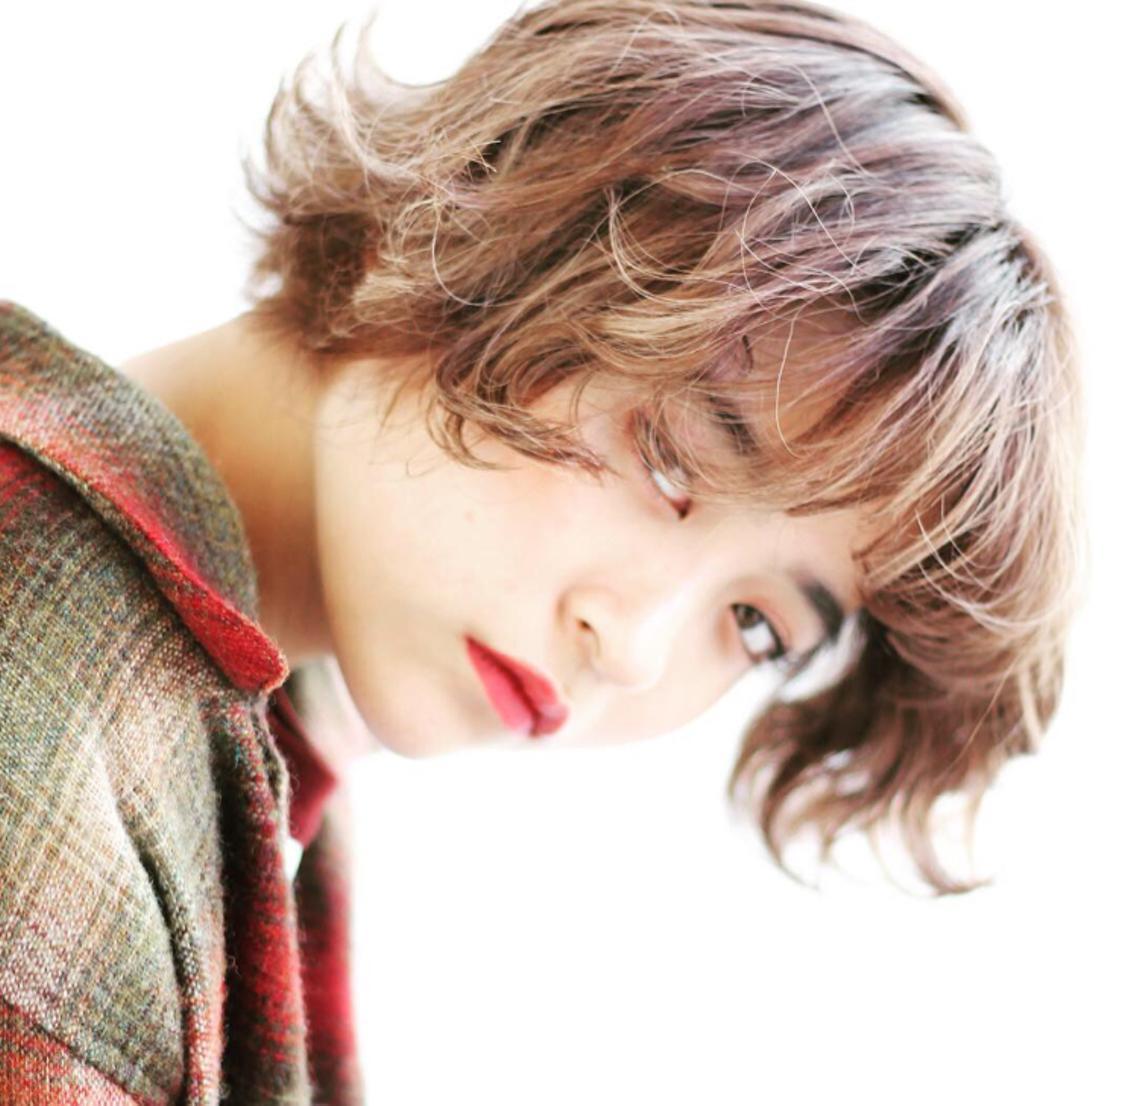 1メニュー3000円から☆当日予約ok‼︎外人風カラーイルミナカラー、spトリートメントでダメージレスな髪になりましょう★